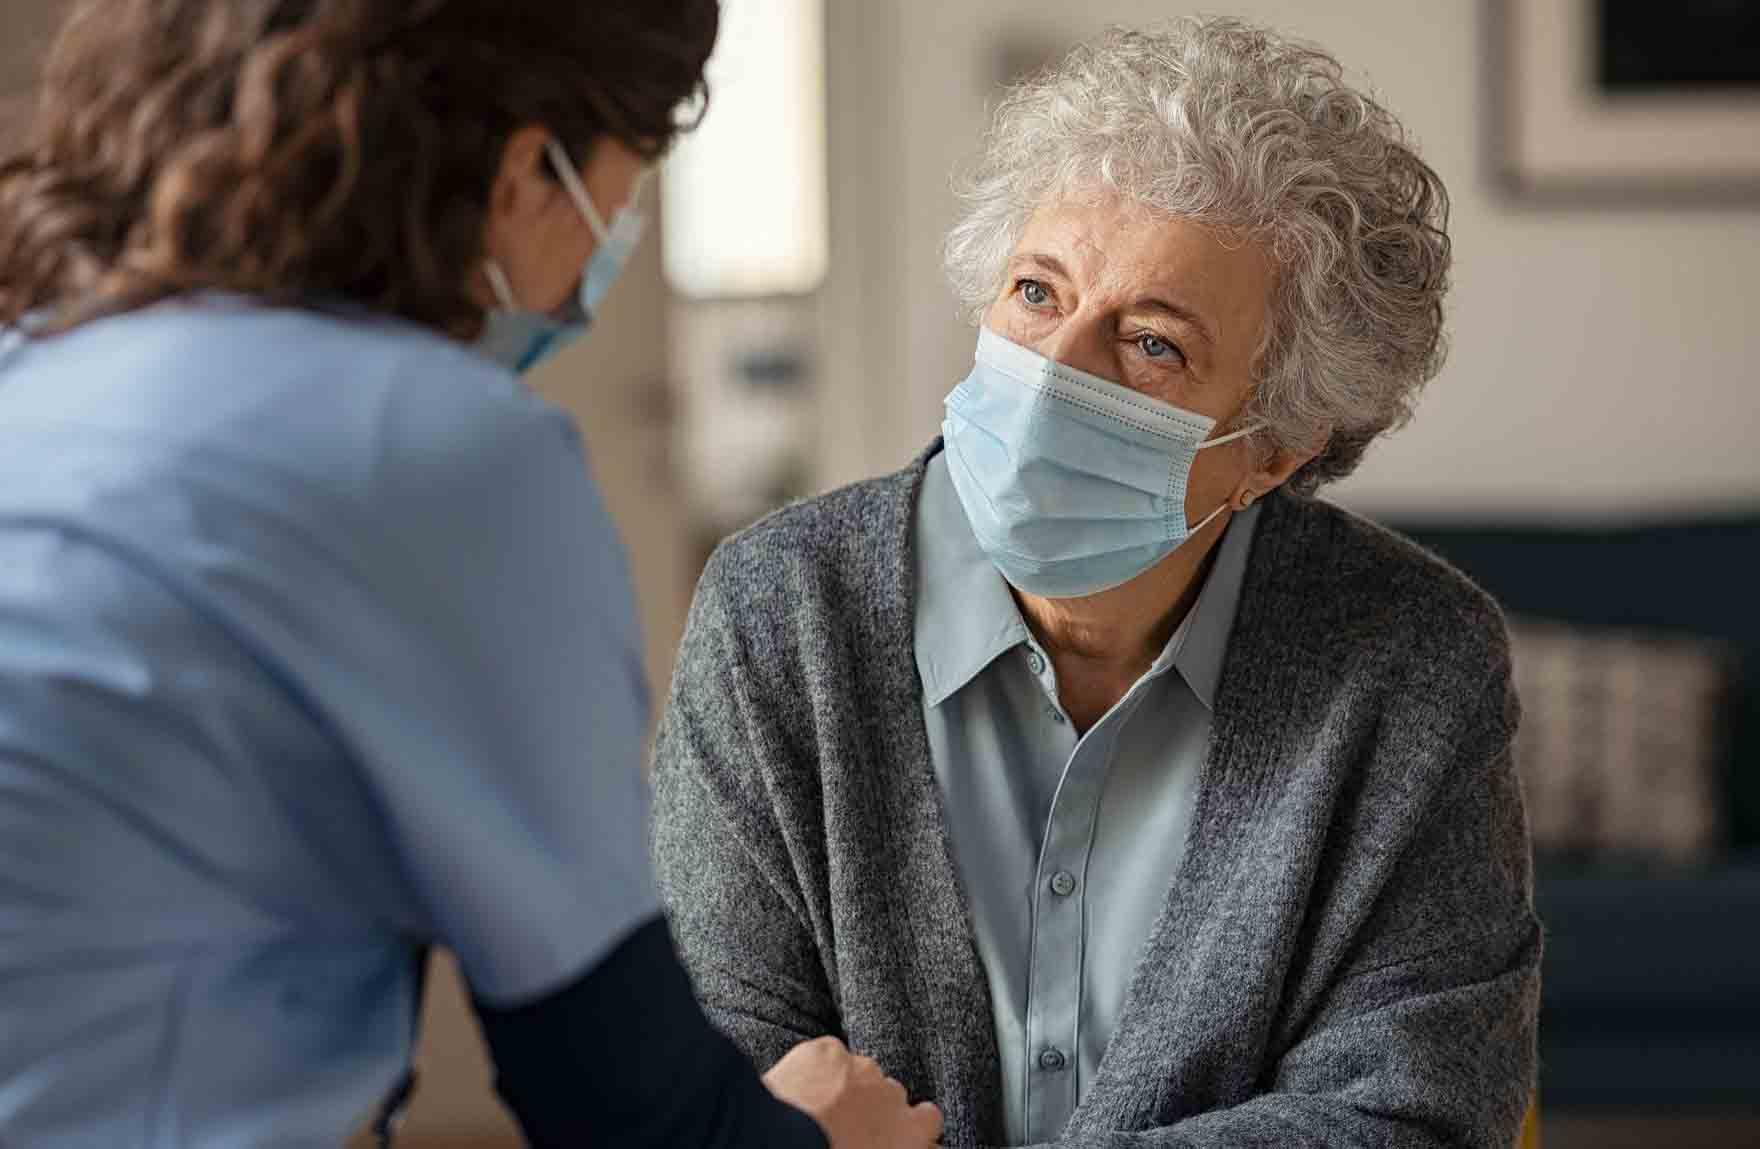 Comment faire face au refus d'aide d'une personne âgée ?